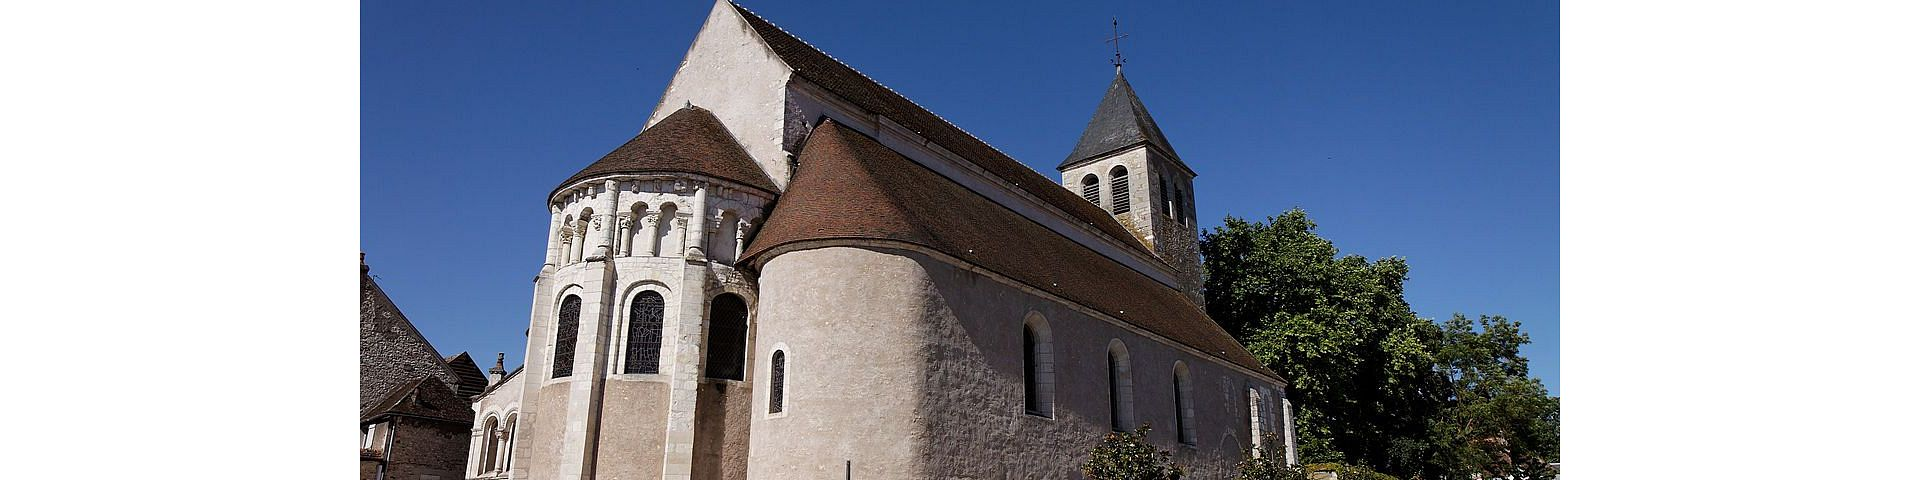 Cosne-sur-Loire - Eglise St-Aignan (58)